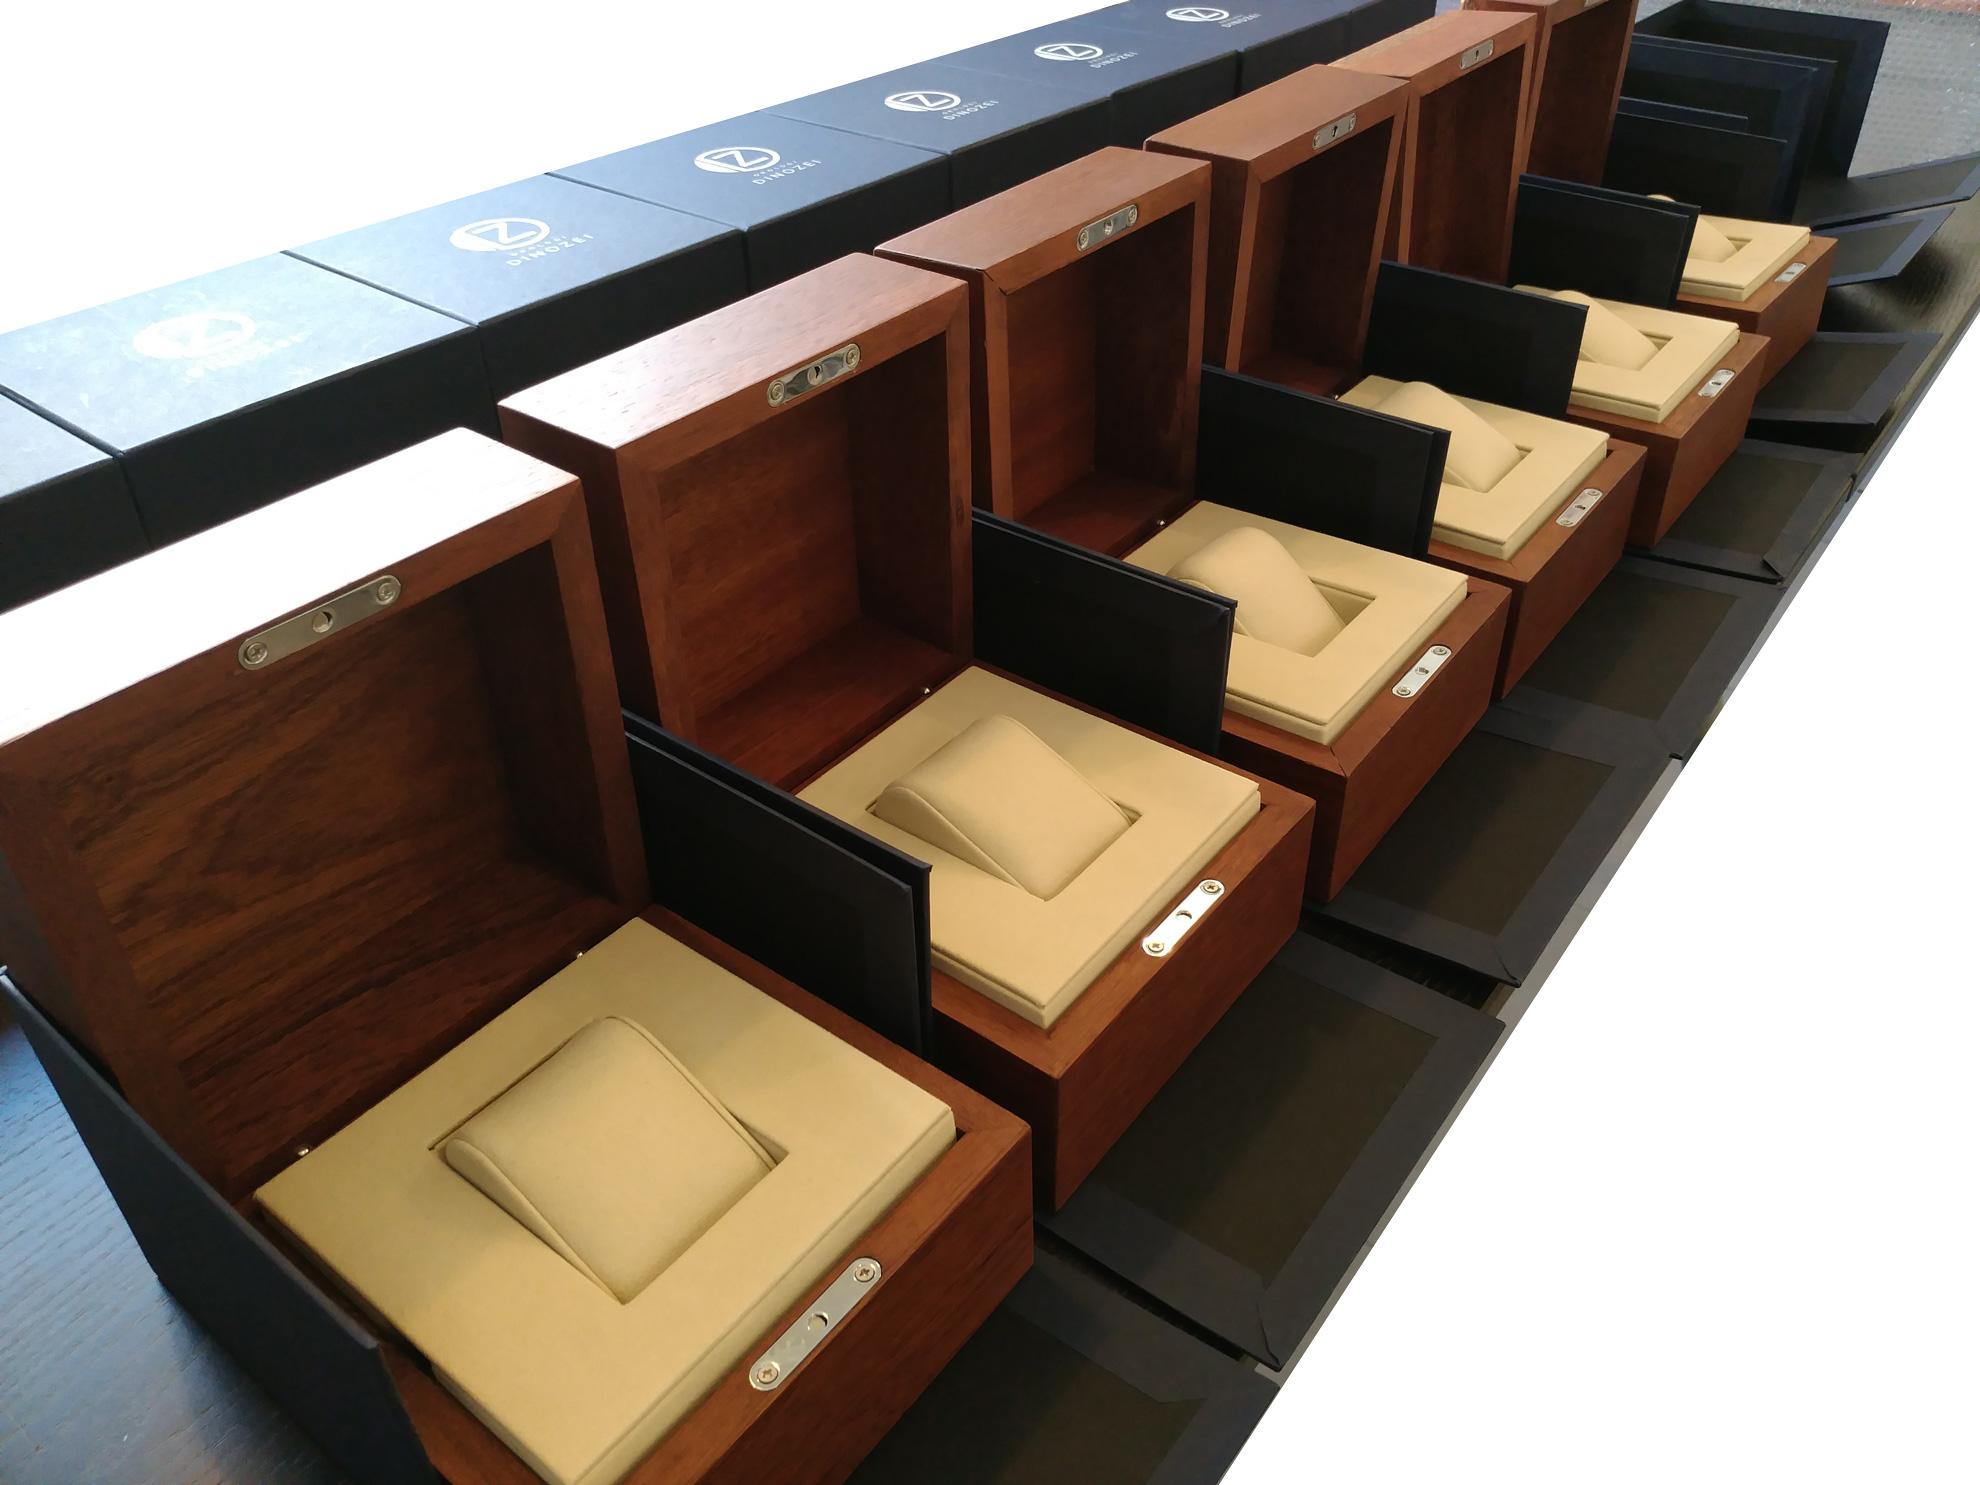 Fila di Scatole personalizzate personalizzate realizzate in legno massello di mogano